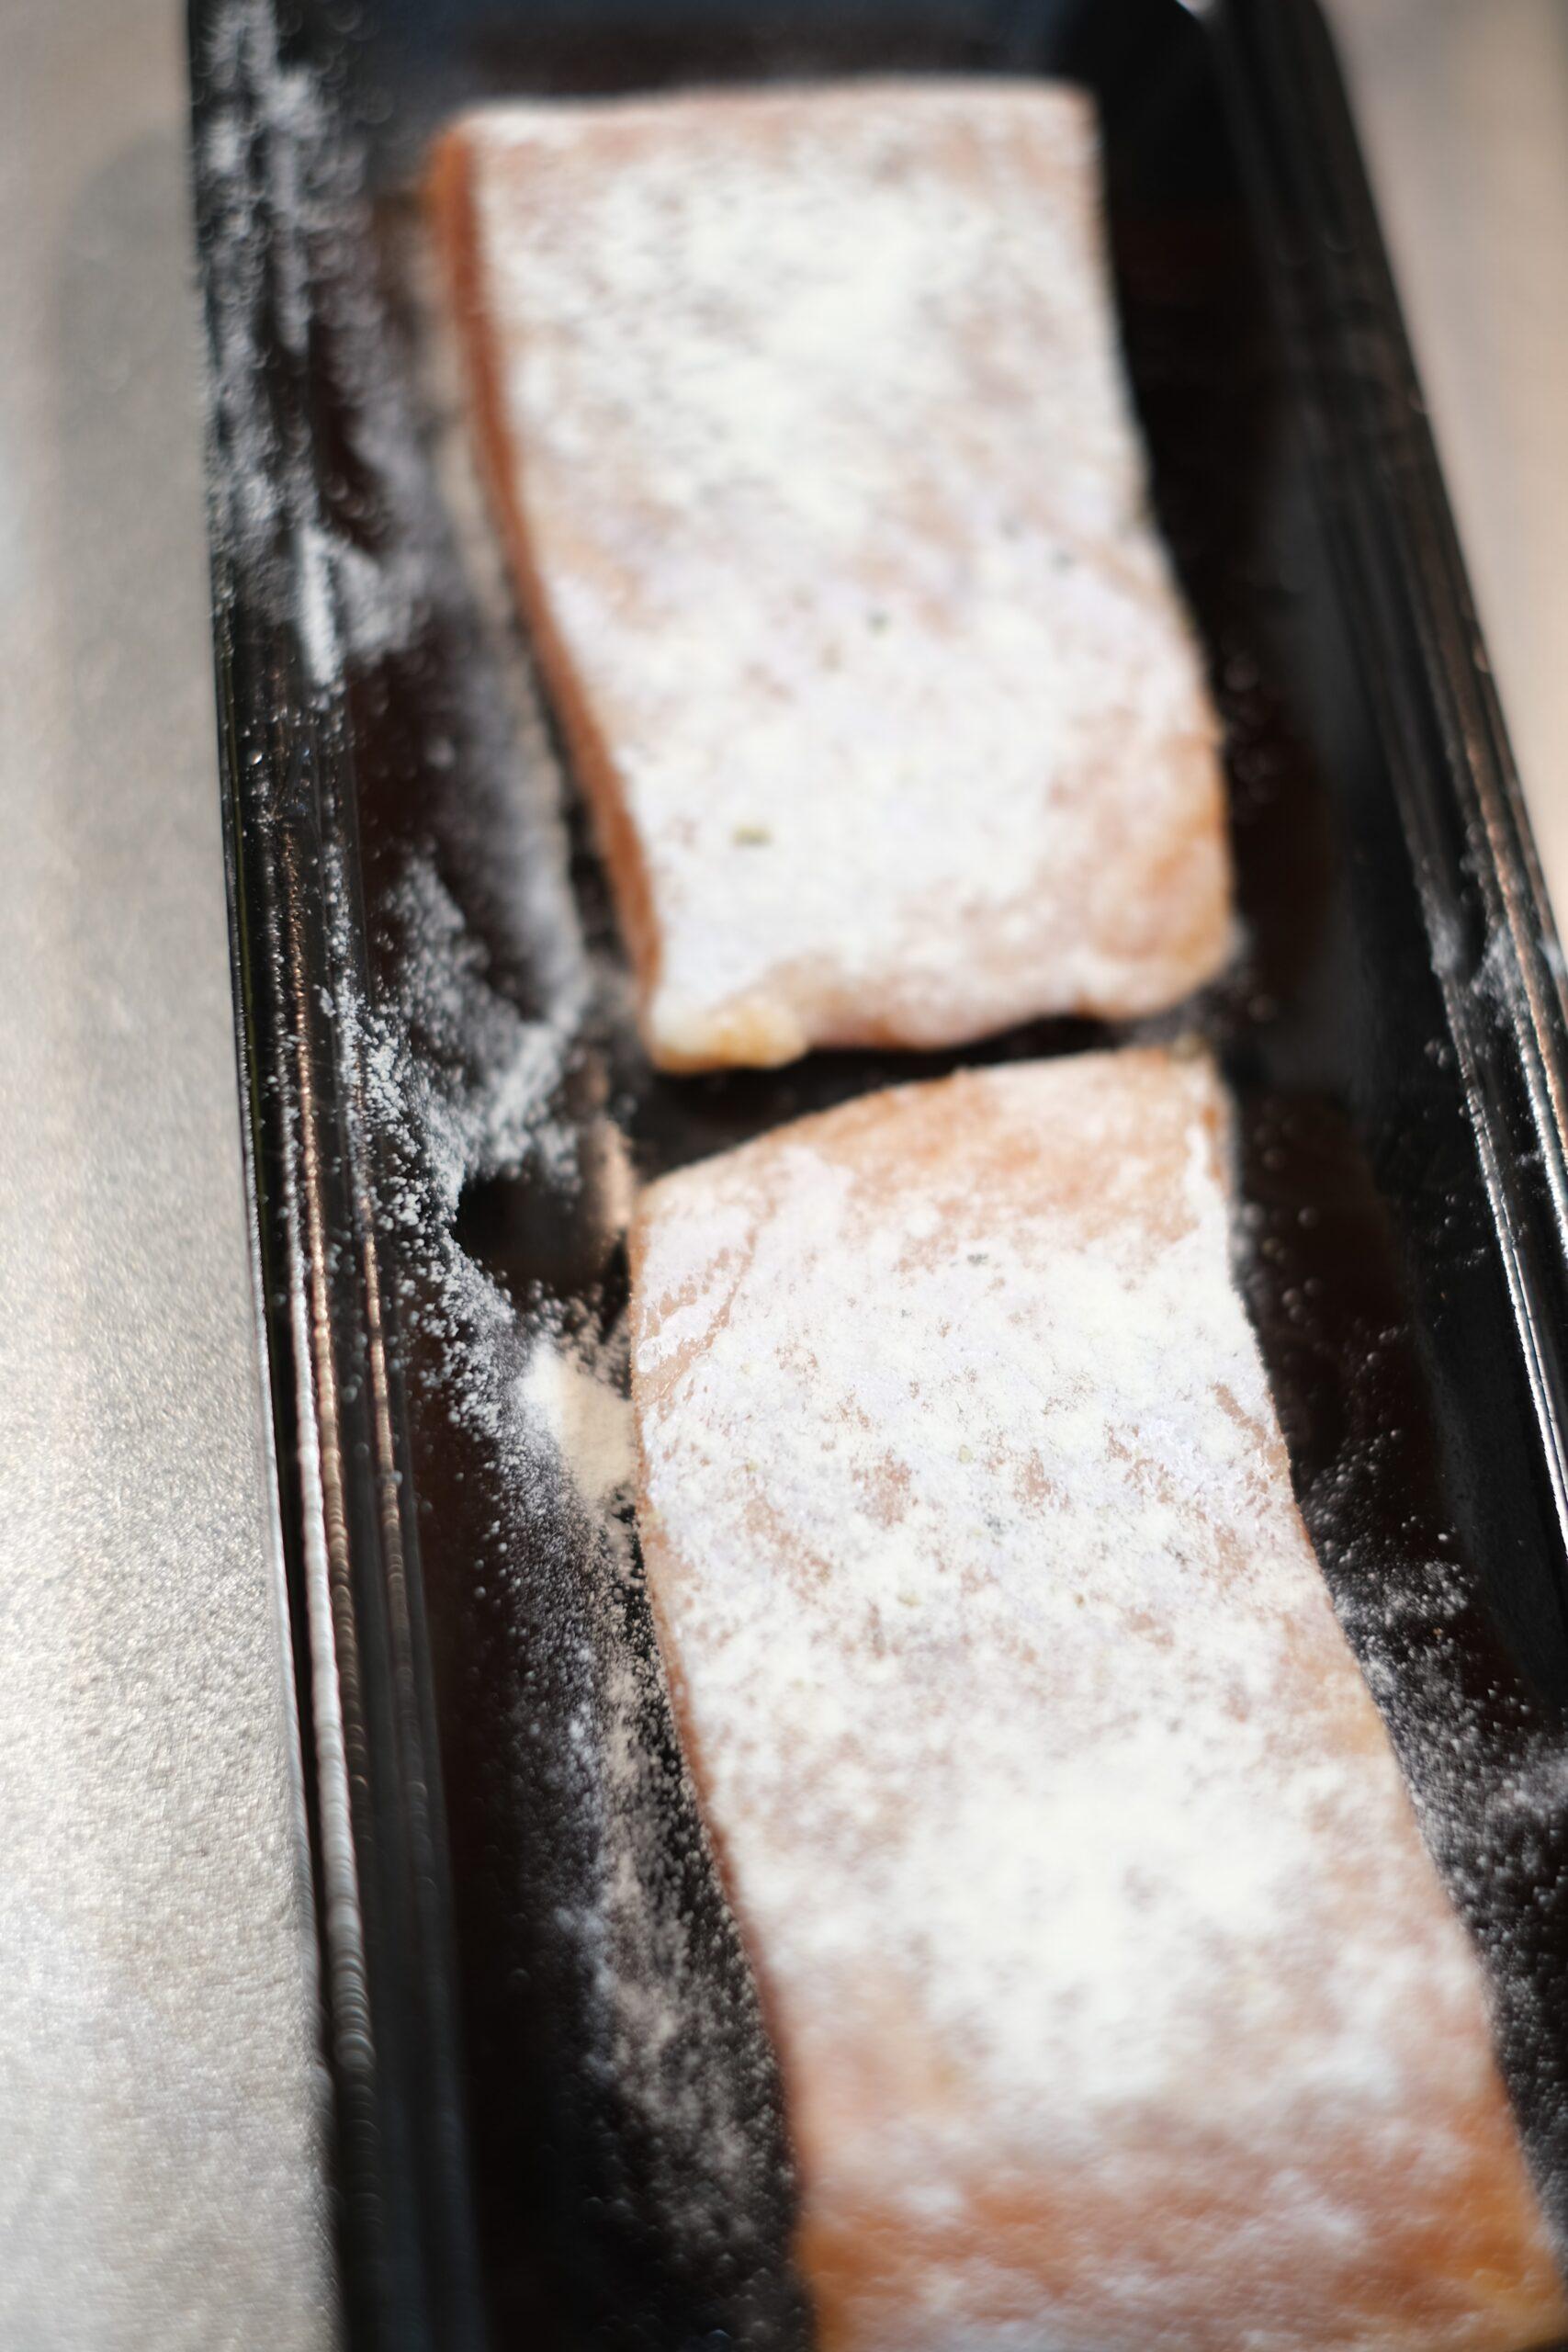 塩、こしょうして薄力粉を付けたサーモンの切り身画像です